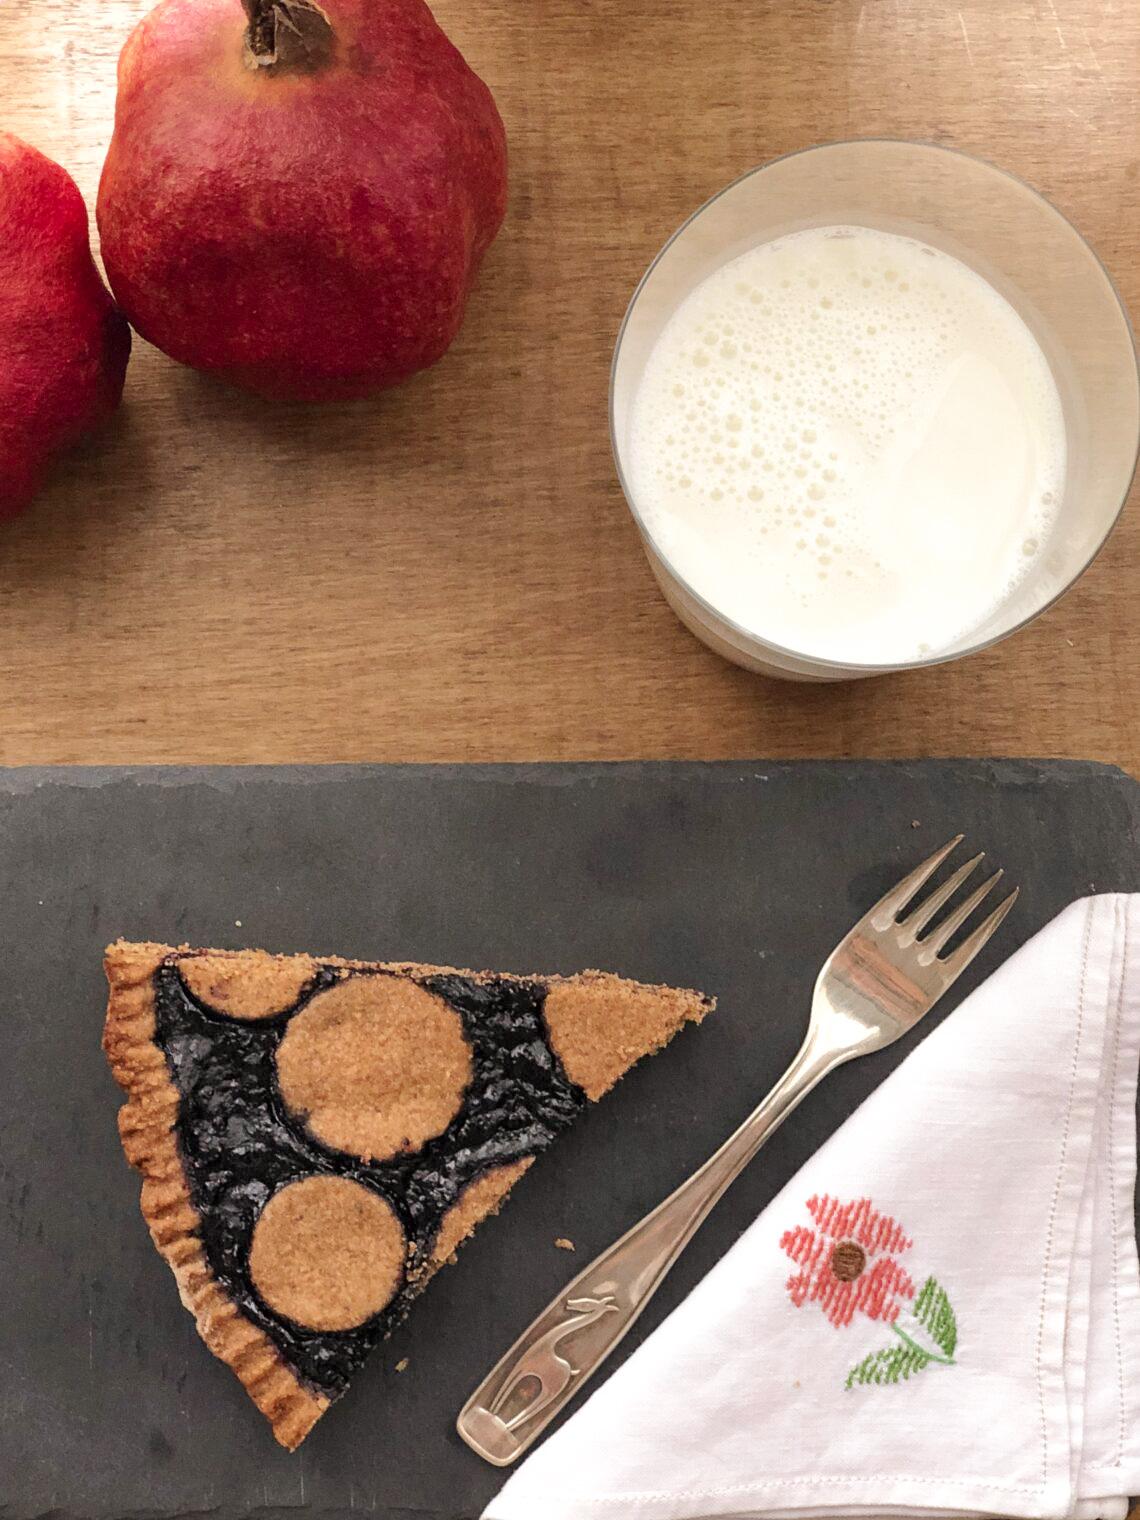 Crostata con farina di miglio e nocciole, senza lattosio, con marmellata di mirtilli, con burro chiarificato